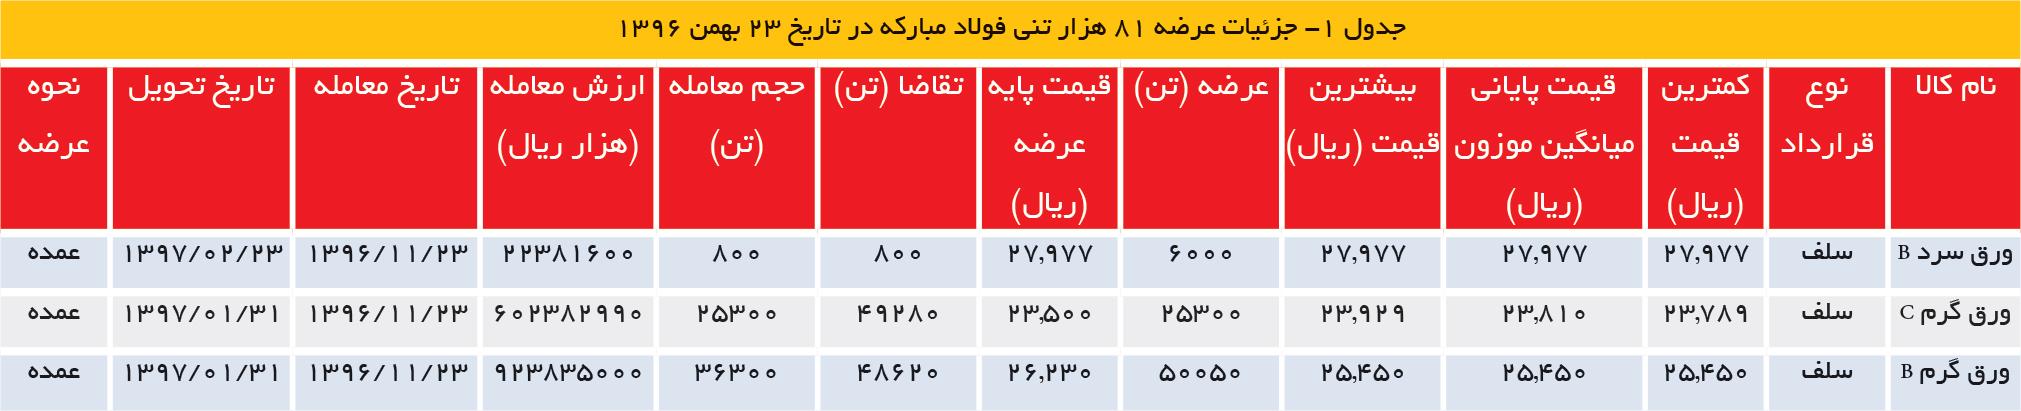 تجارت- فردا- جدول 1- جزئیات عرضه 81 هزار تنی فولاد مبارکه در تاریخ 23 بهمن 1396